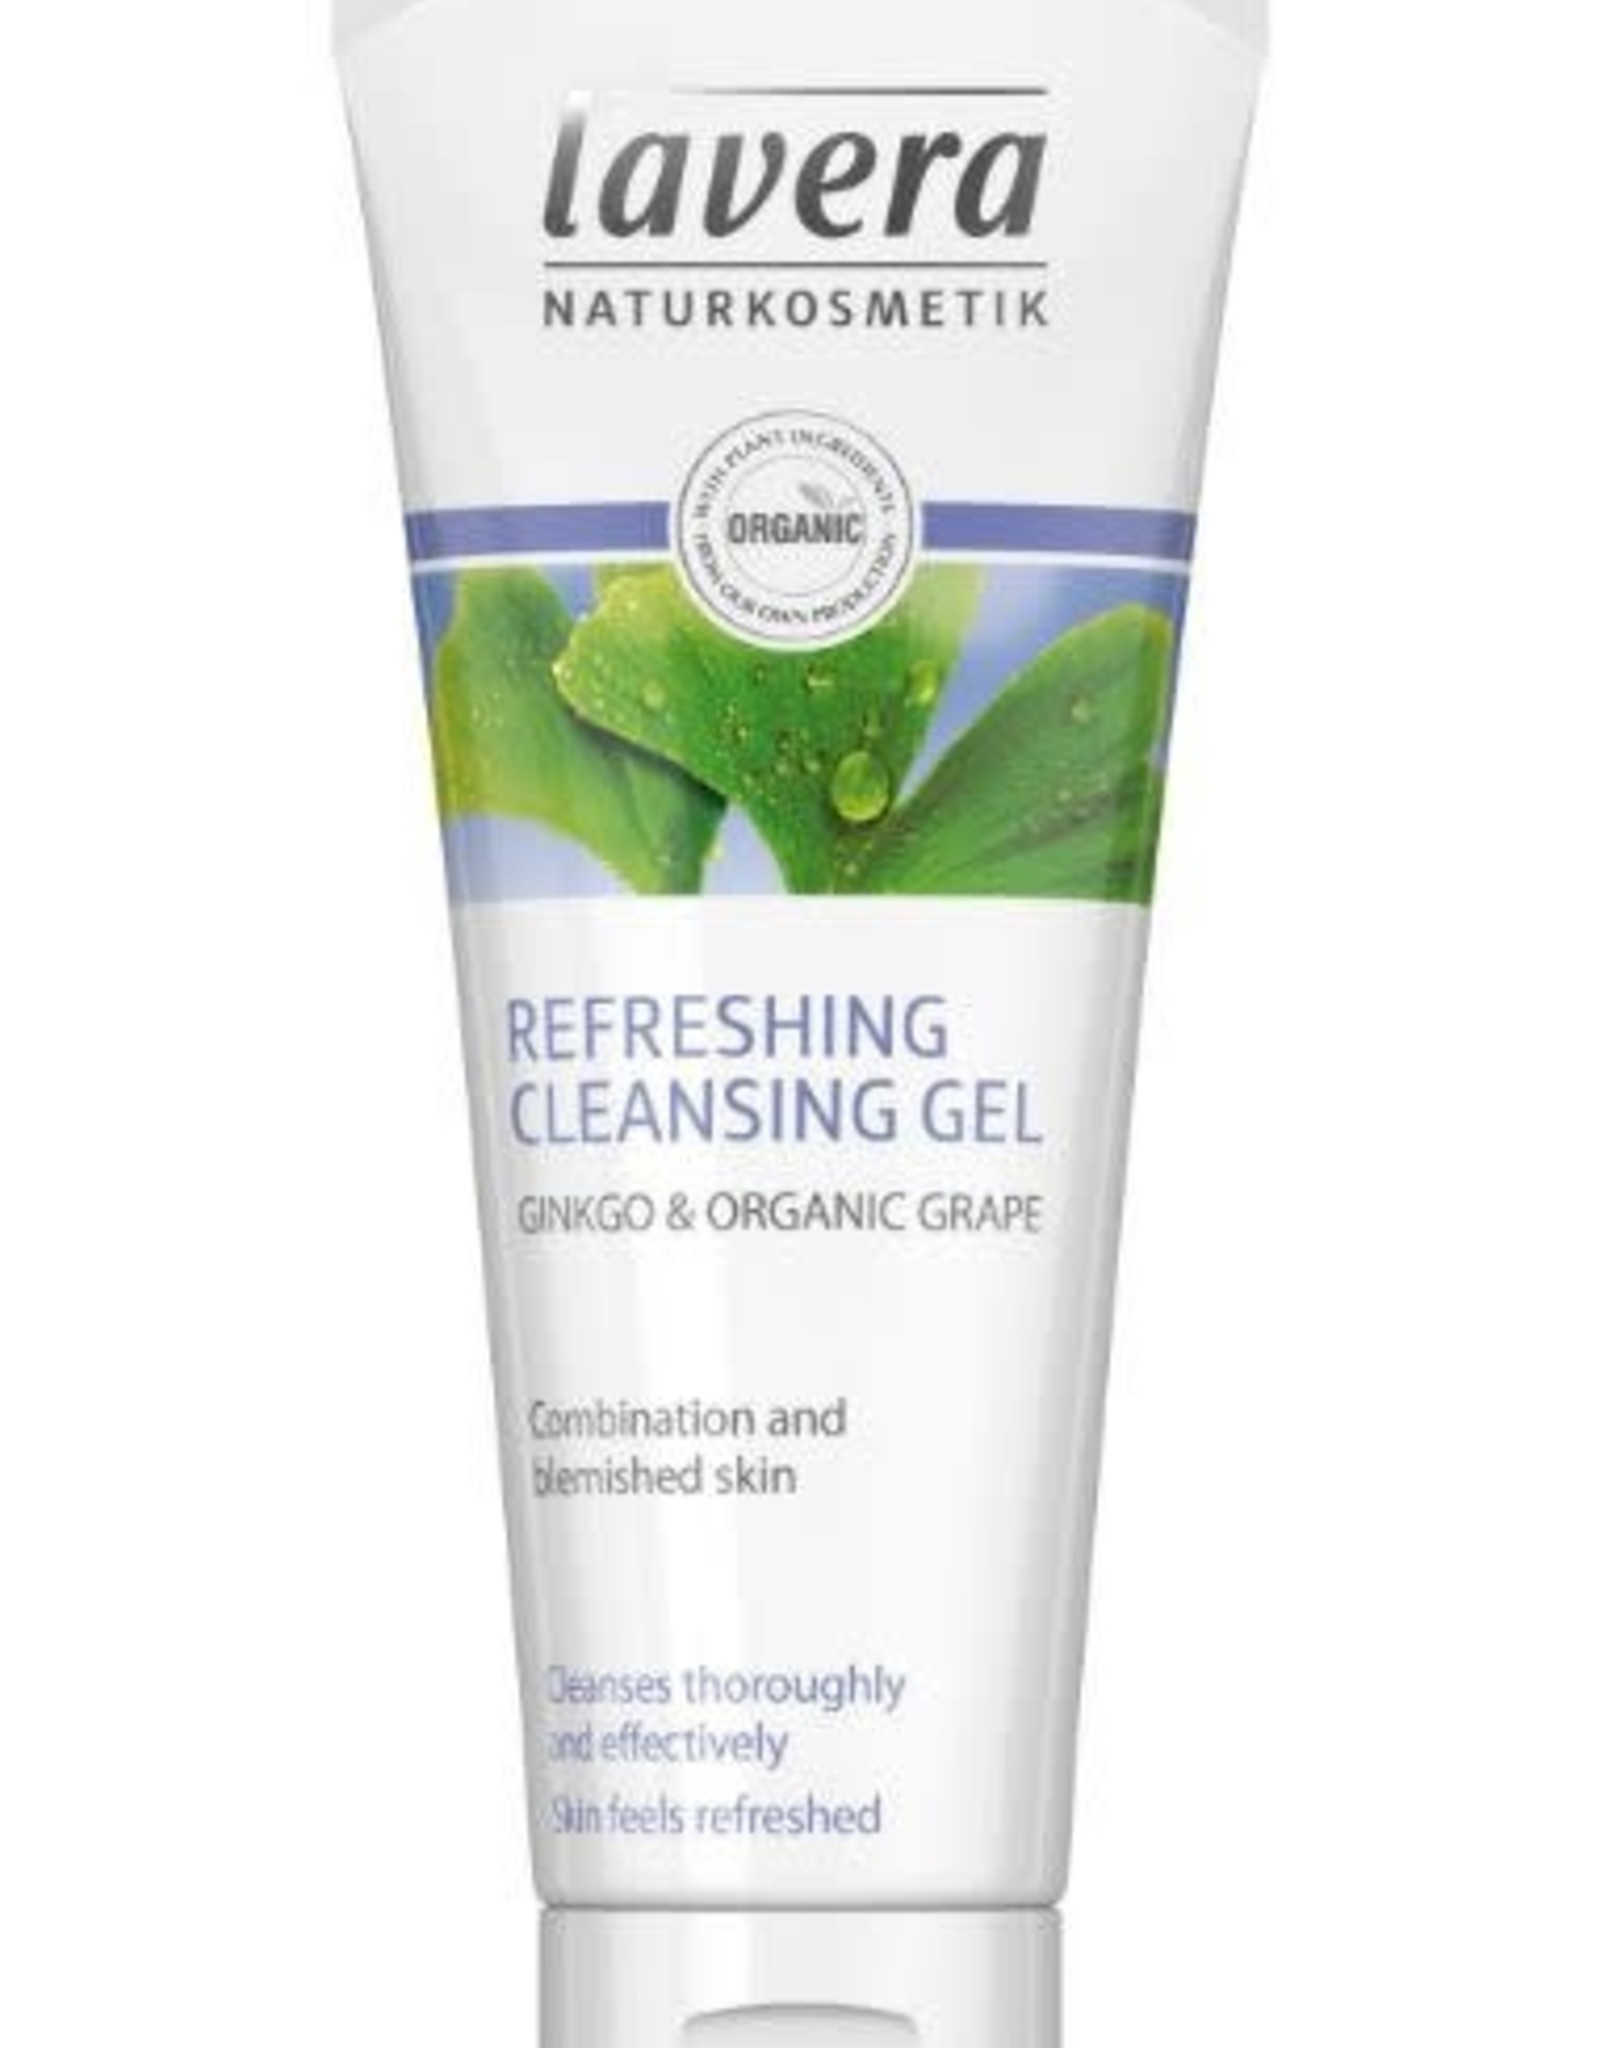 Lavera Lavera Reinigingsgel/cleansing gel refreshing - Gingko & Organic Grape 100ml